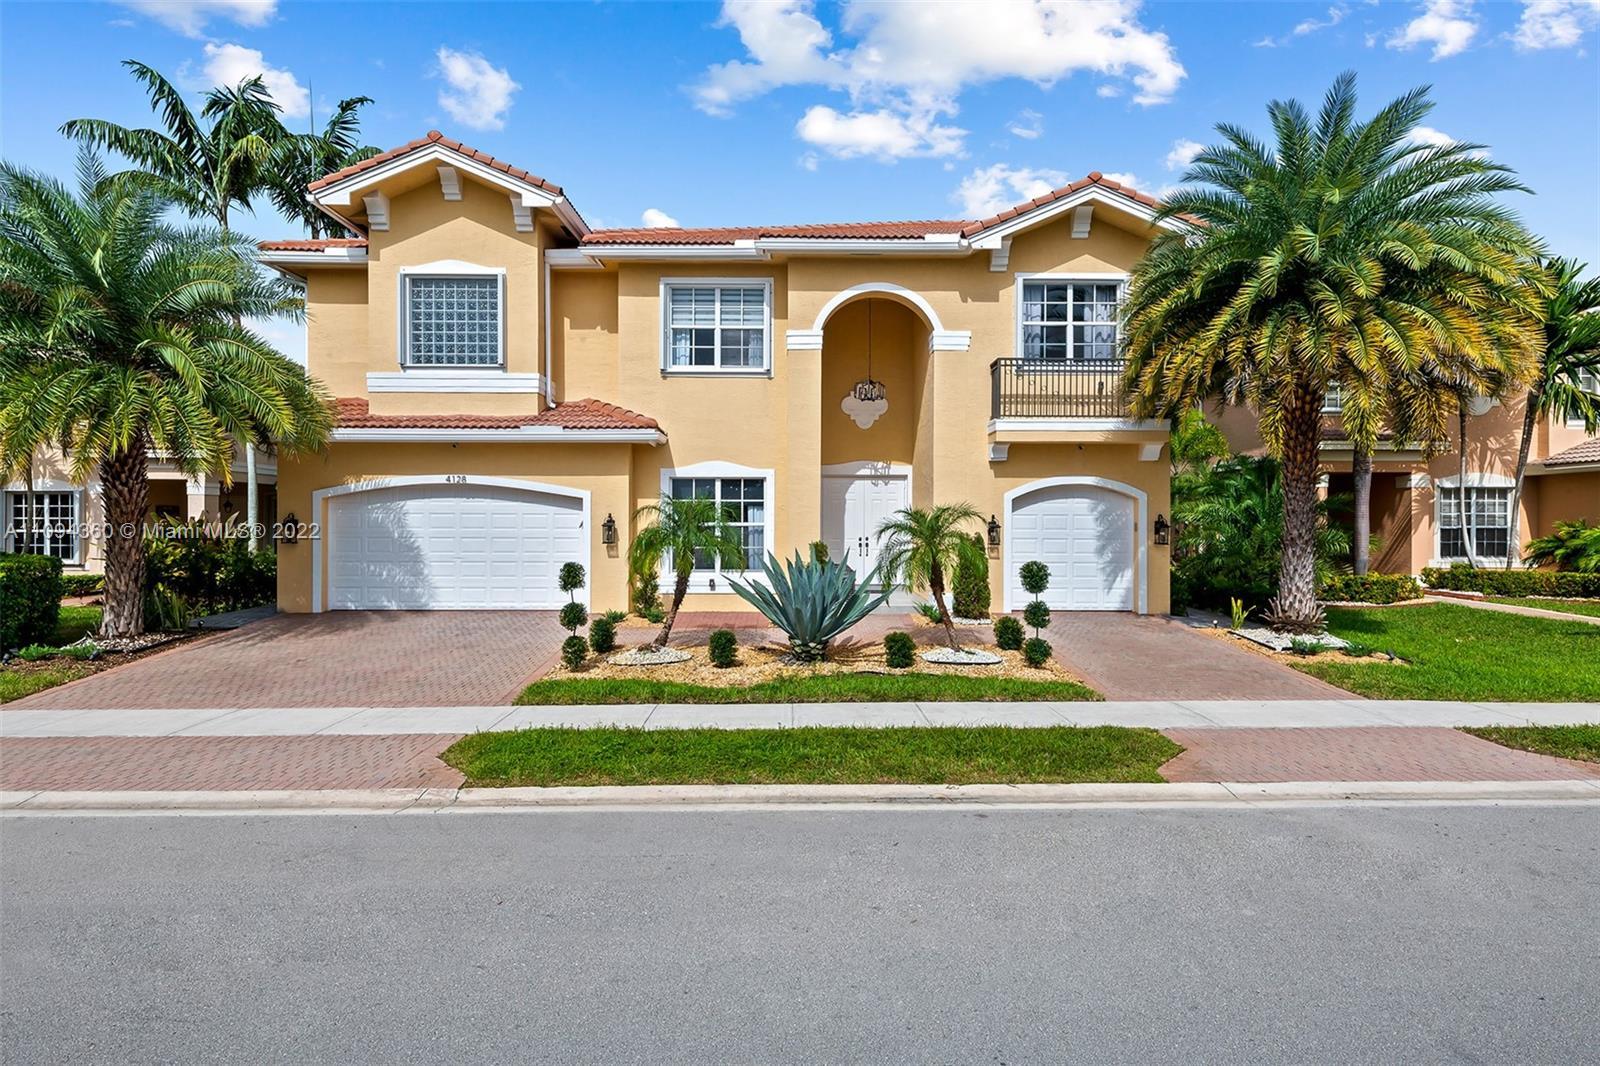 4128 183rd Ave, Miramar, Florida 33029